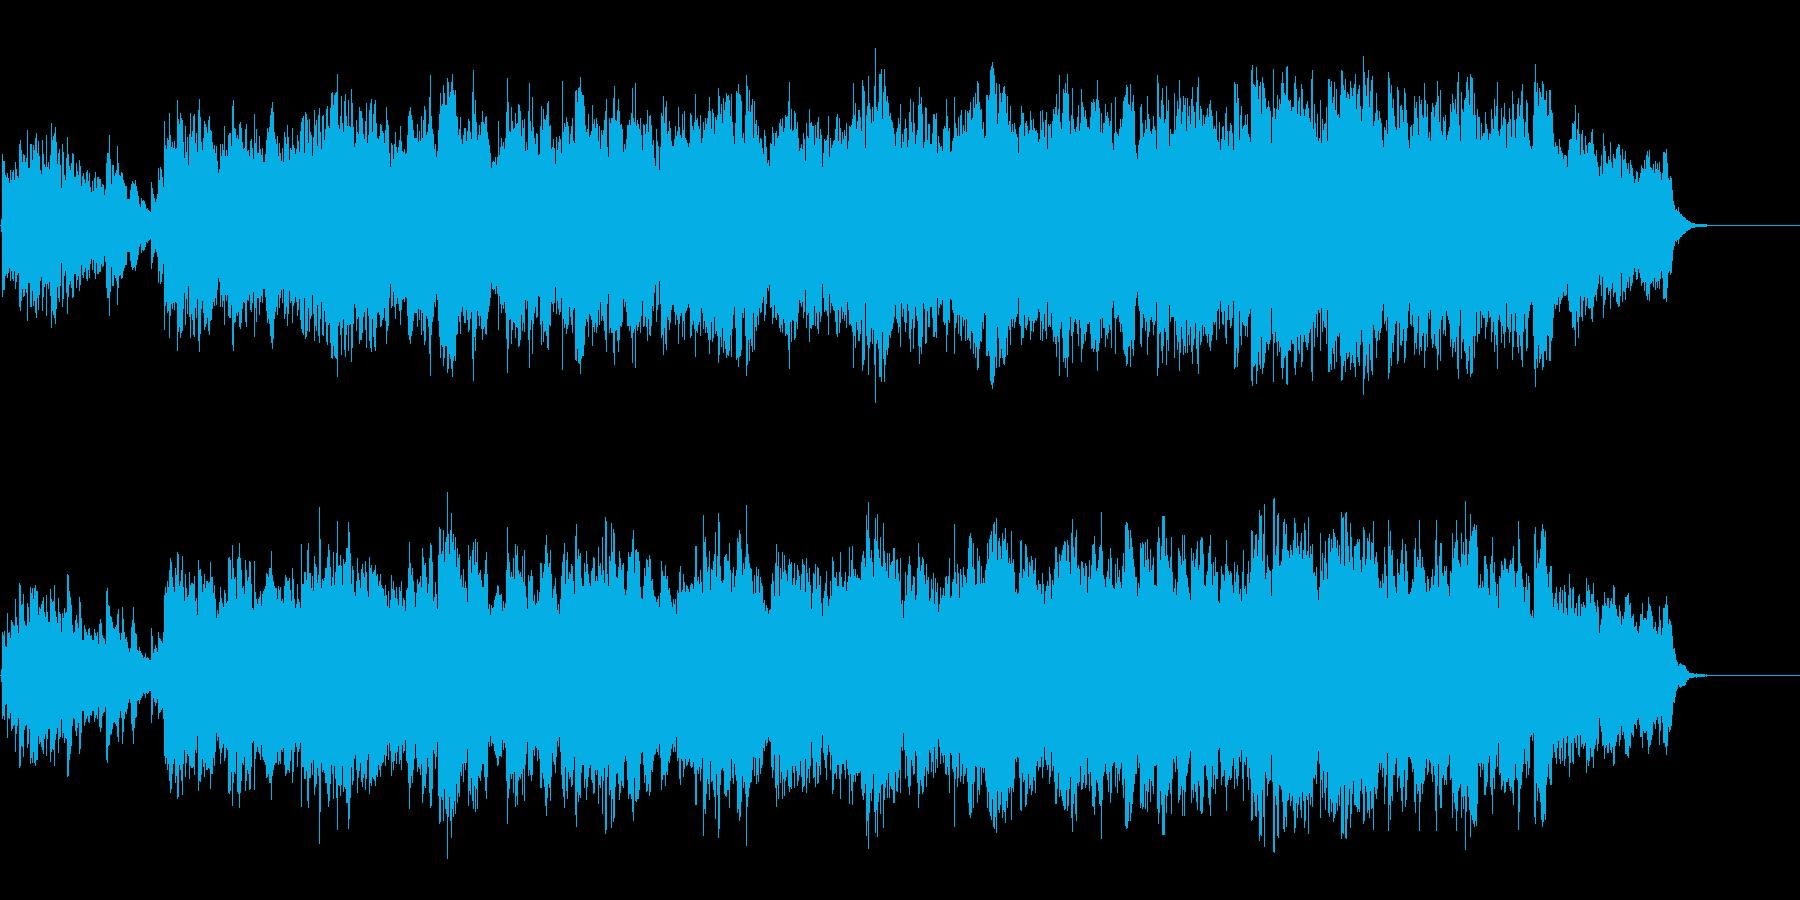 はかなく切ないスロー・バラードの再生済みの波形